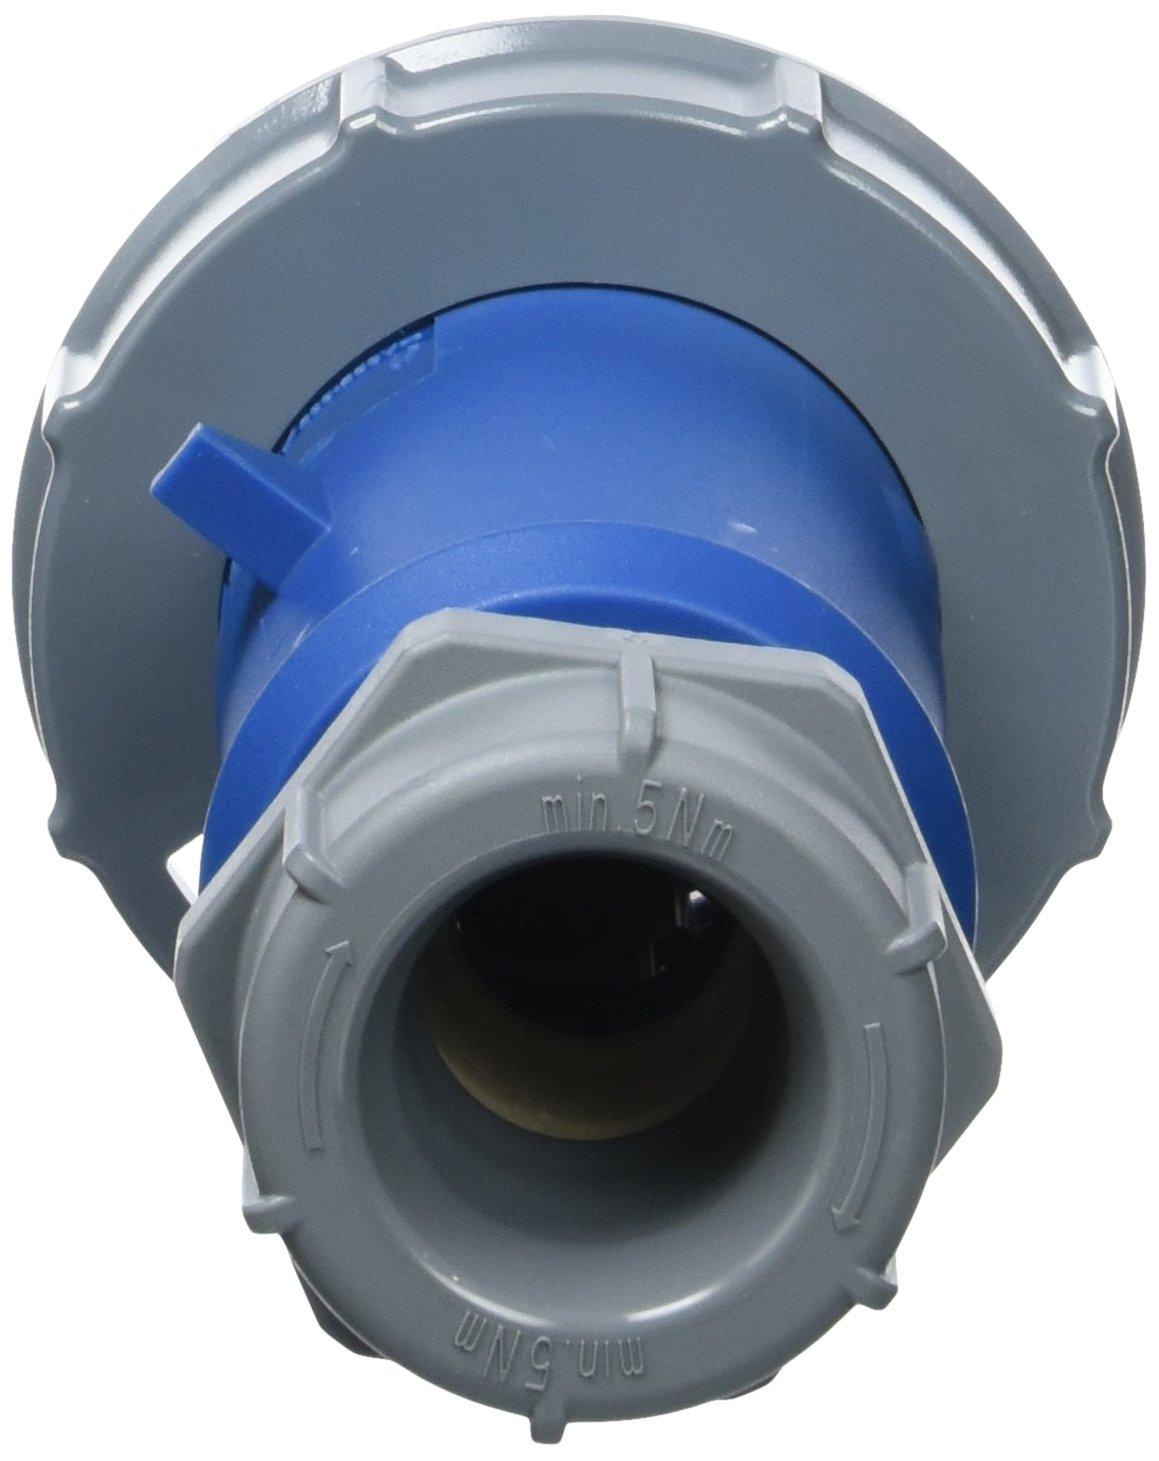 32/A protezione IP 67 230/V blu 6/ore Earth posizione corrente 3/poli Mennekes 290/amv-top singola parte del corpo Plug